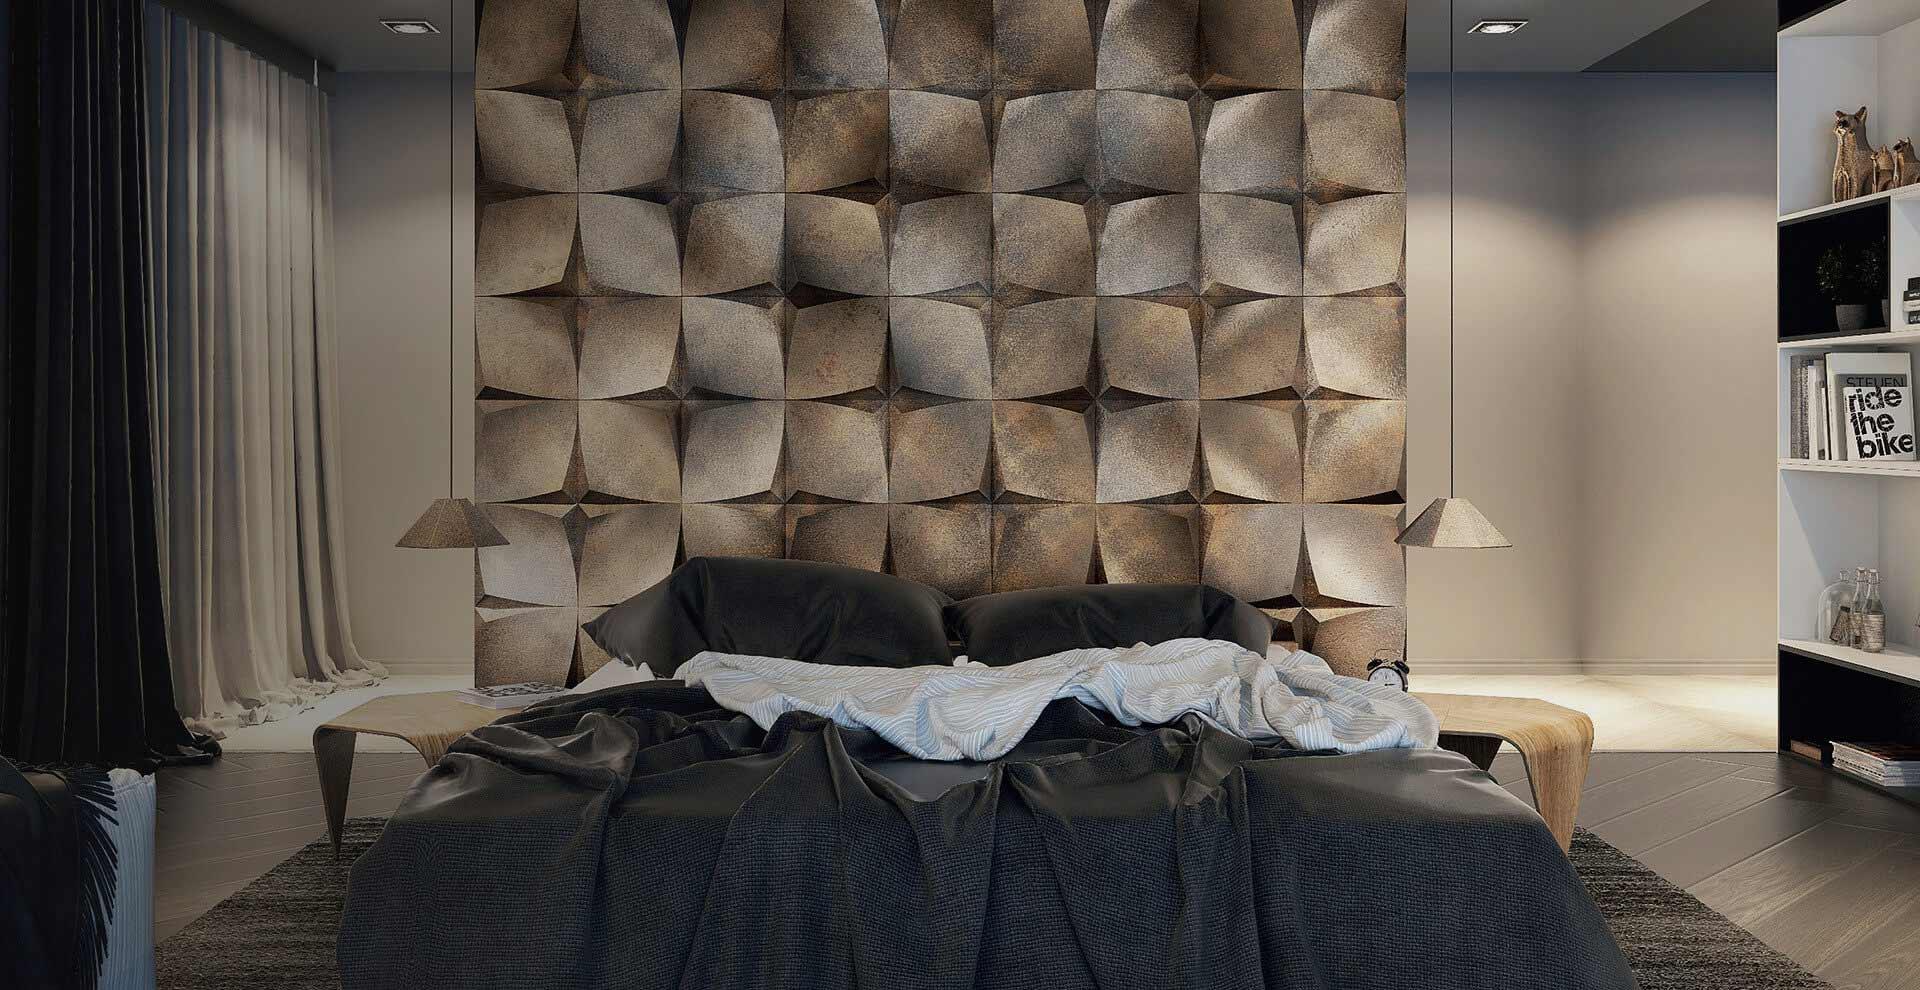 Panele 3d Panele ścienne Dekoracyjne Na ścianę Producent